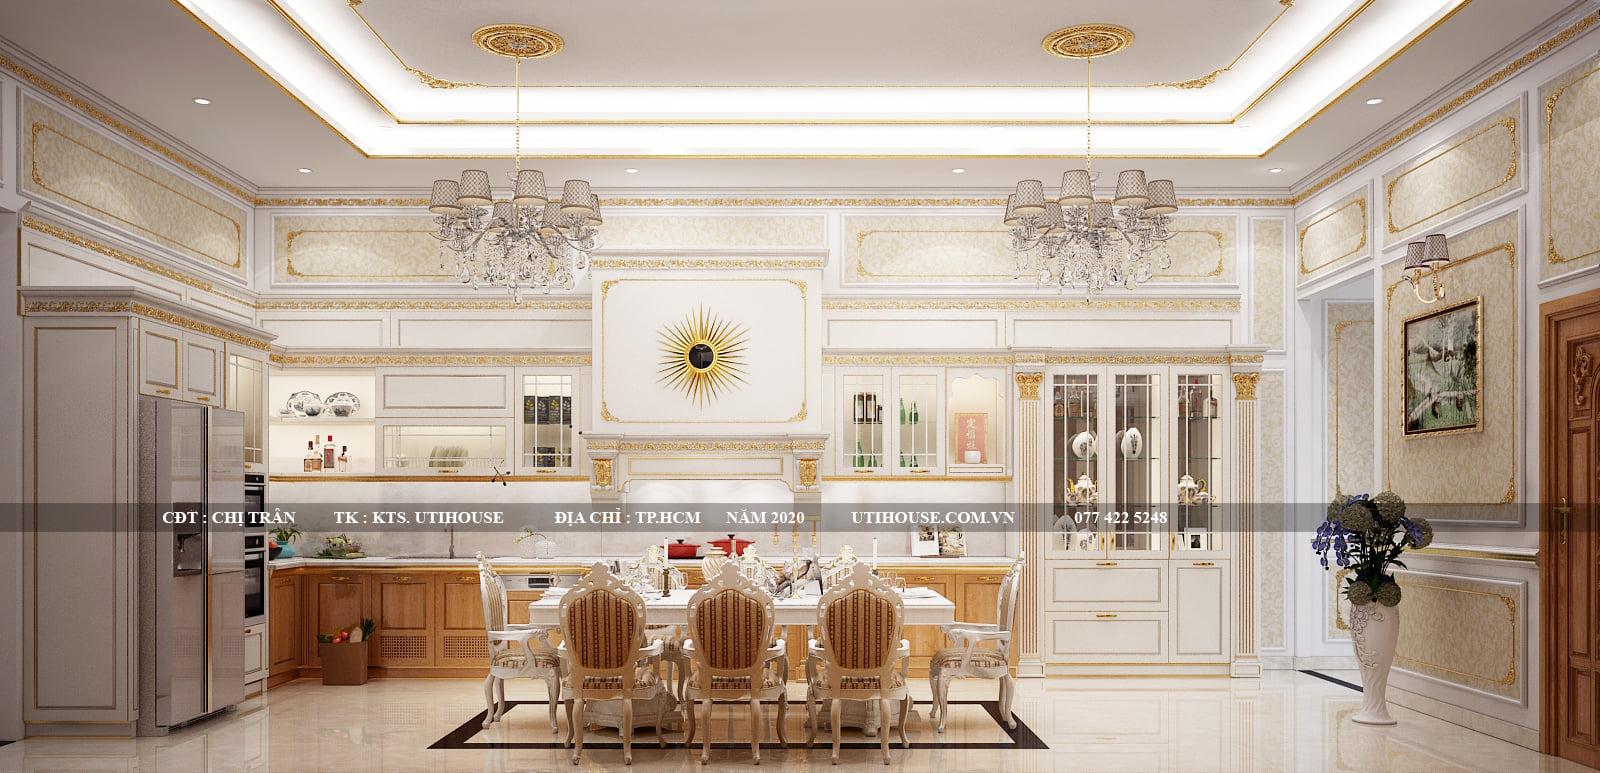 Phong cách thiết kế nội thất nhà bếp đẹp hiện đại